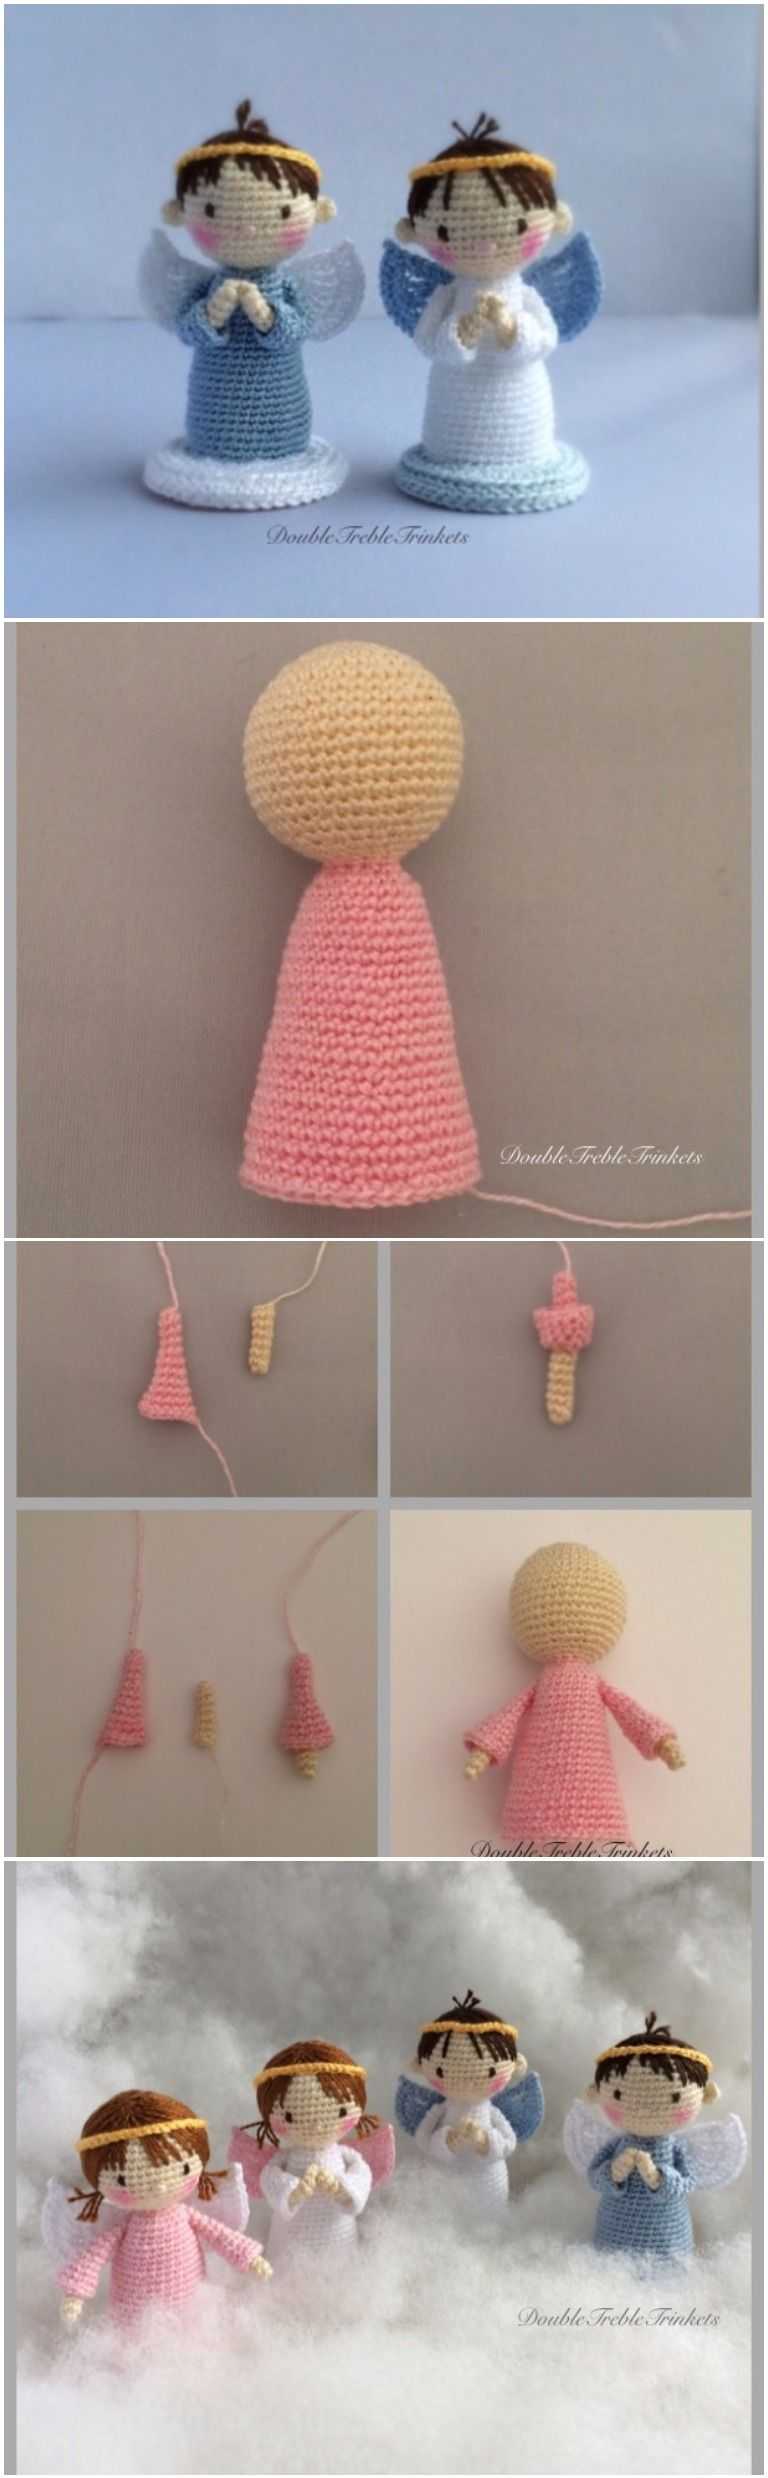 Crochet Little Angels Free Pattern